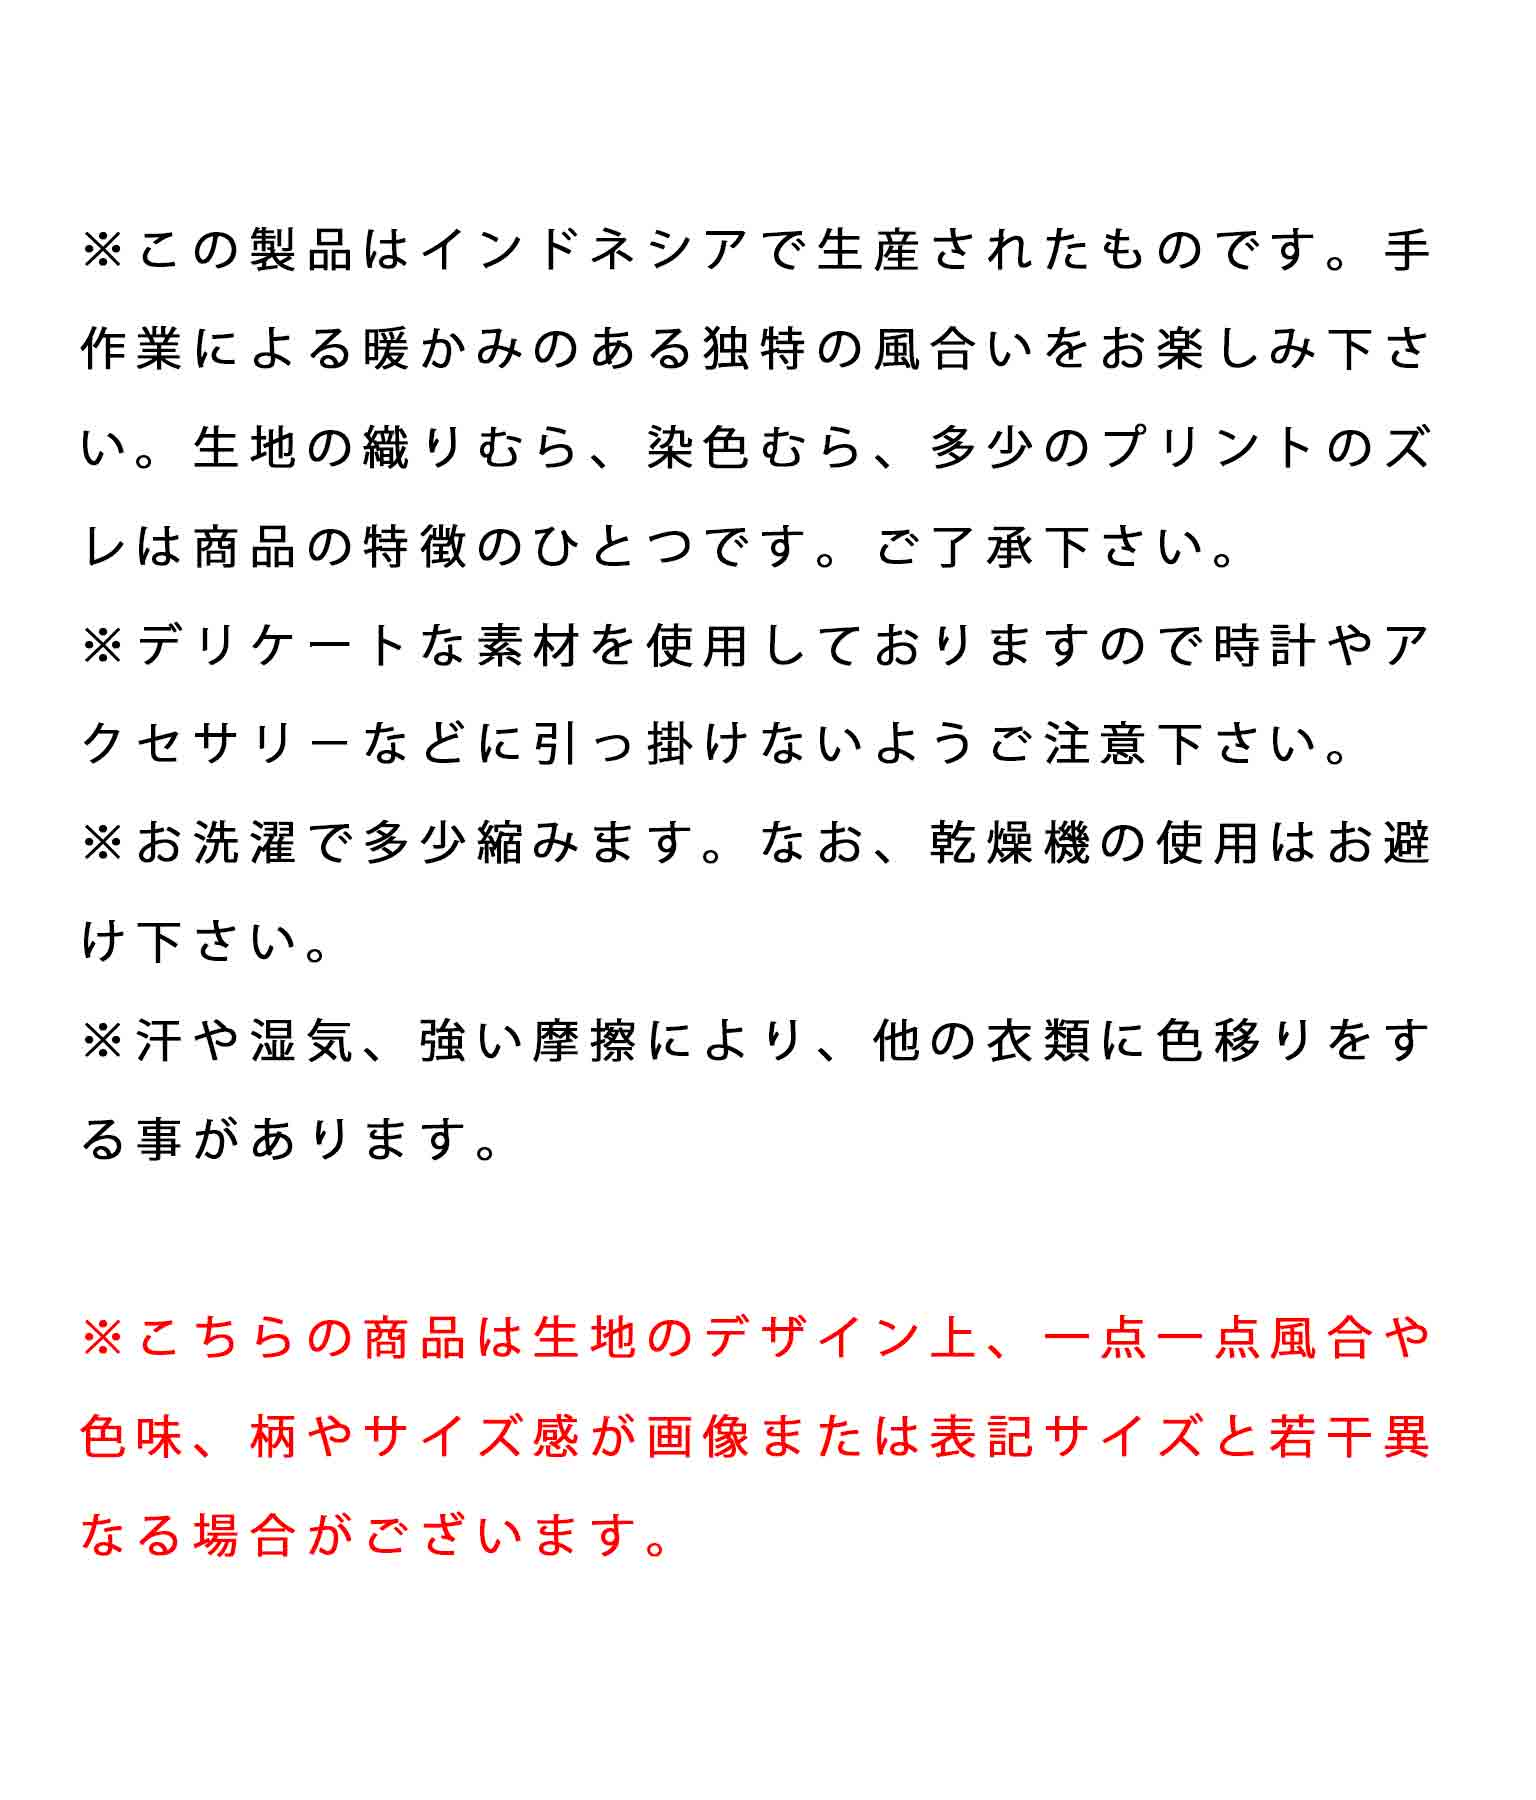 2パターンレトロアロハ柄エプロン(インテリア雑貨/キッチングッズ) | ANAP HOME